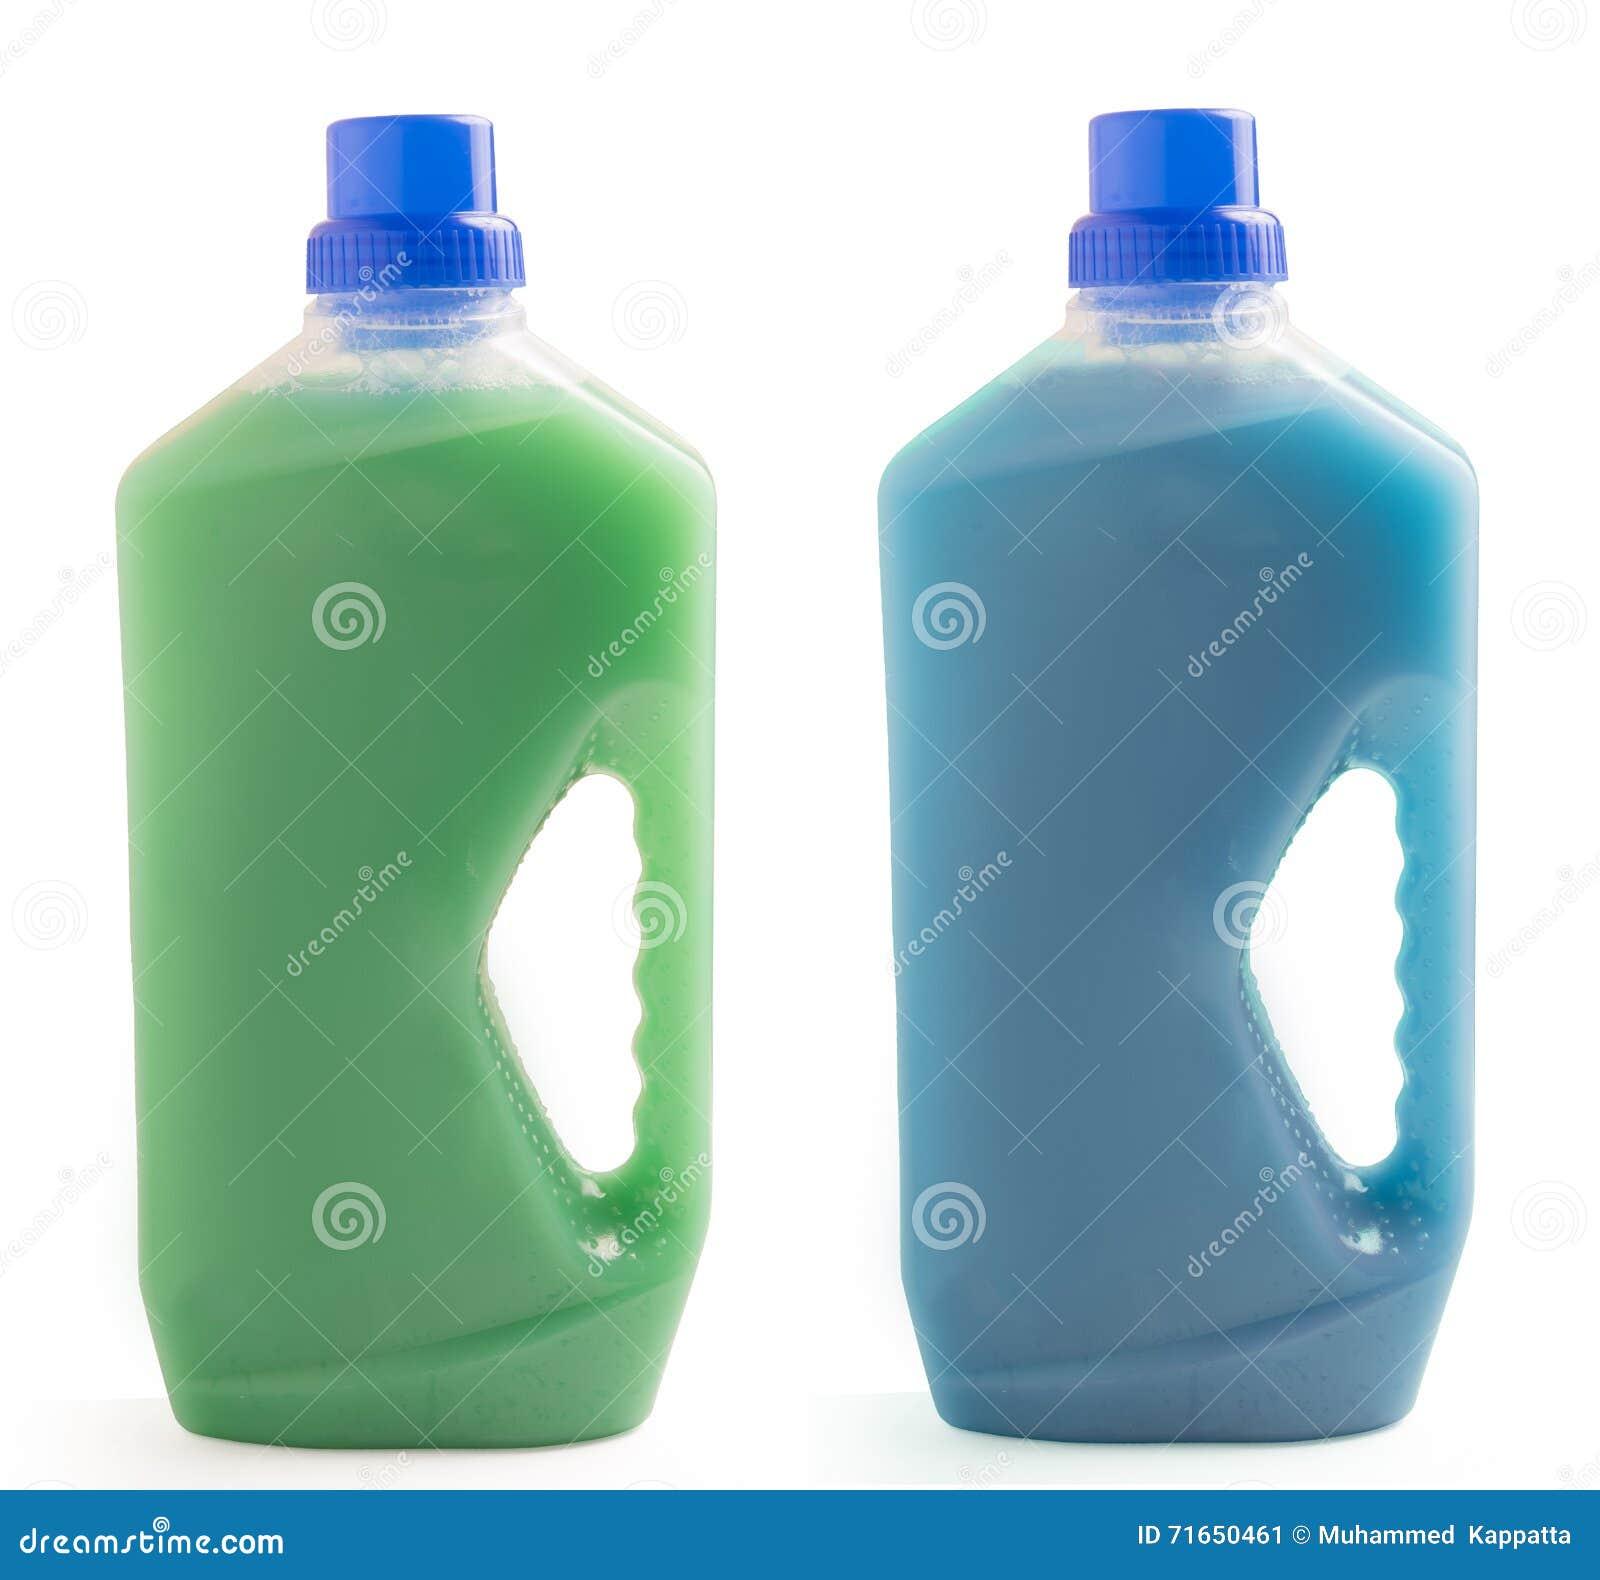 在白色背景清洁液体隔绝的两个塑料瓶